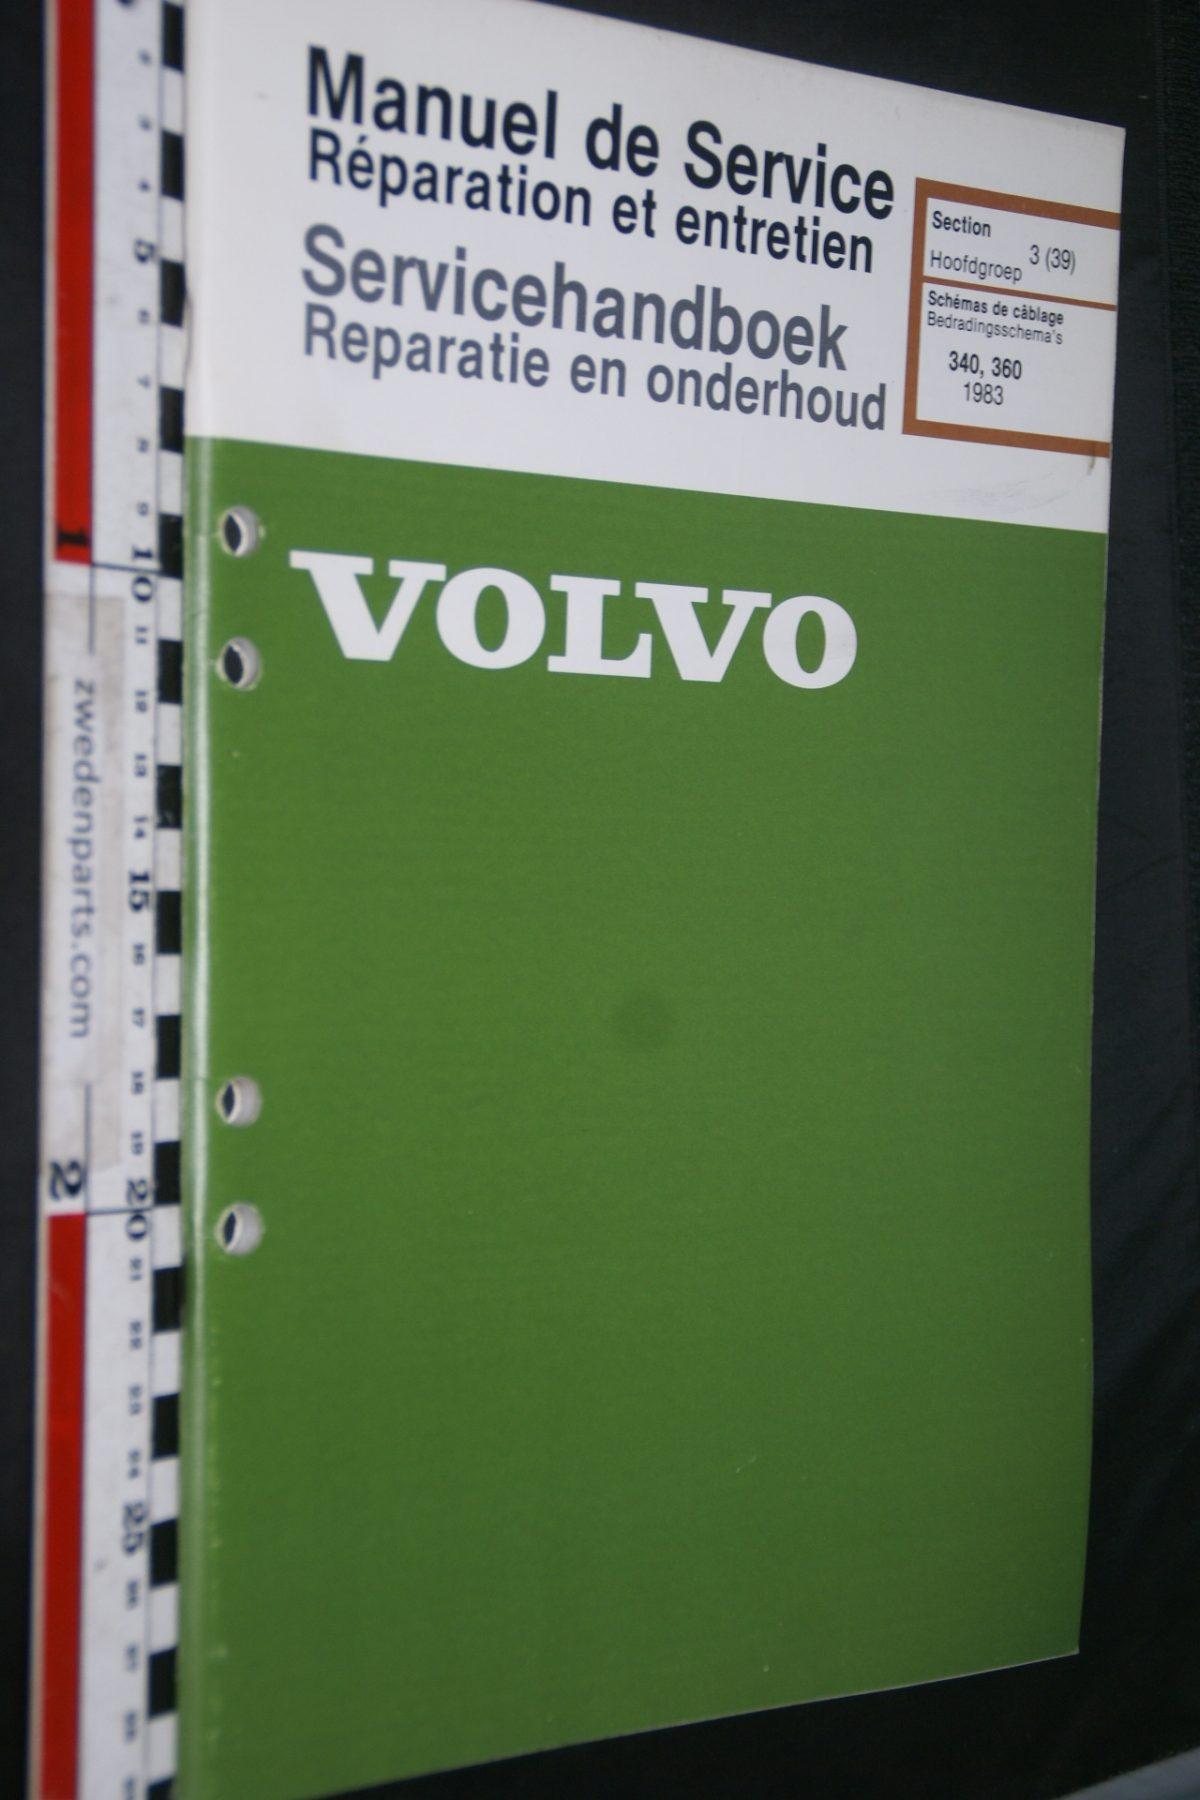 DSC06798 1982 origineel Volvo 340, 360 servicehandboek 3 (39) bedradingsschema 1 van 1.500 TP 35149-1 Francais, Hollands